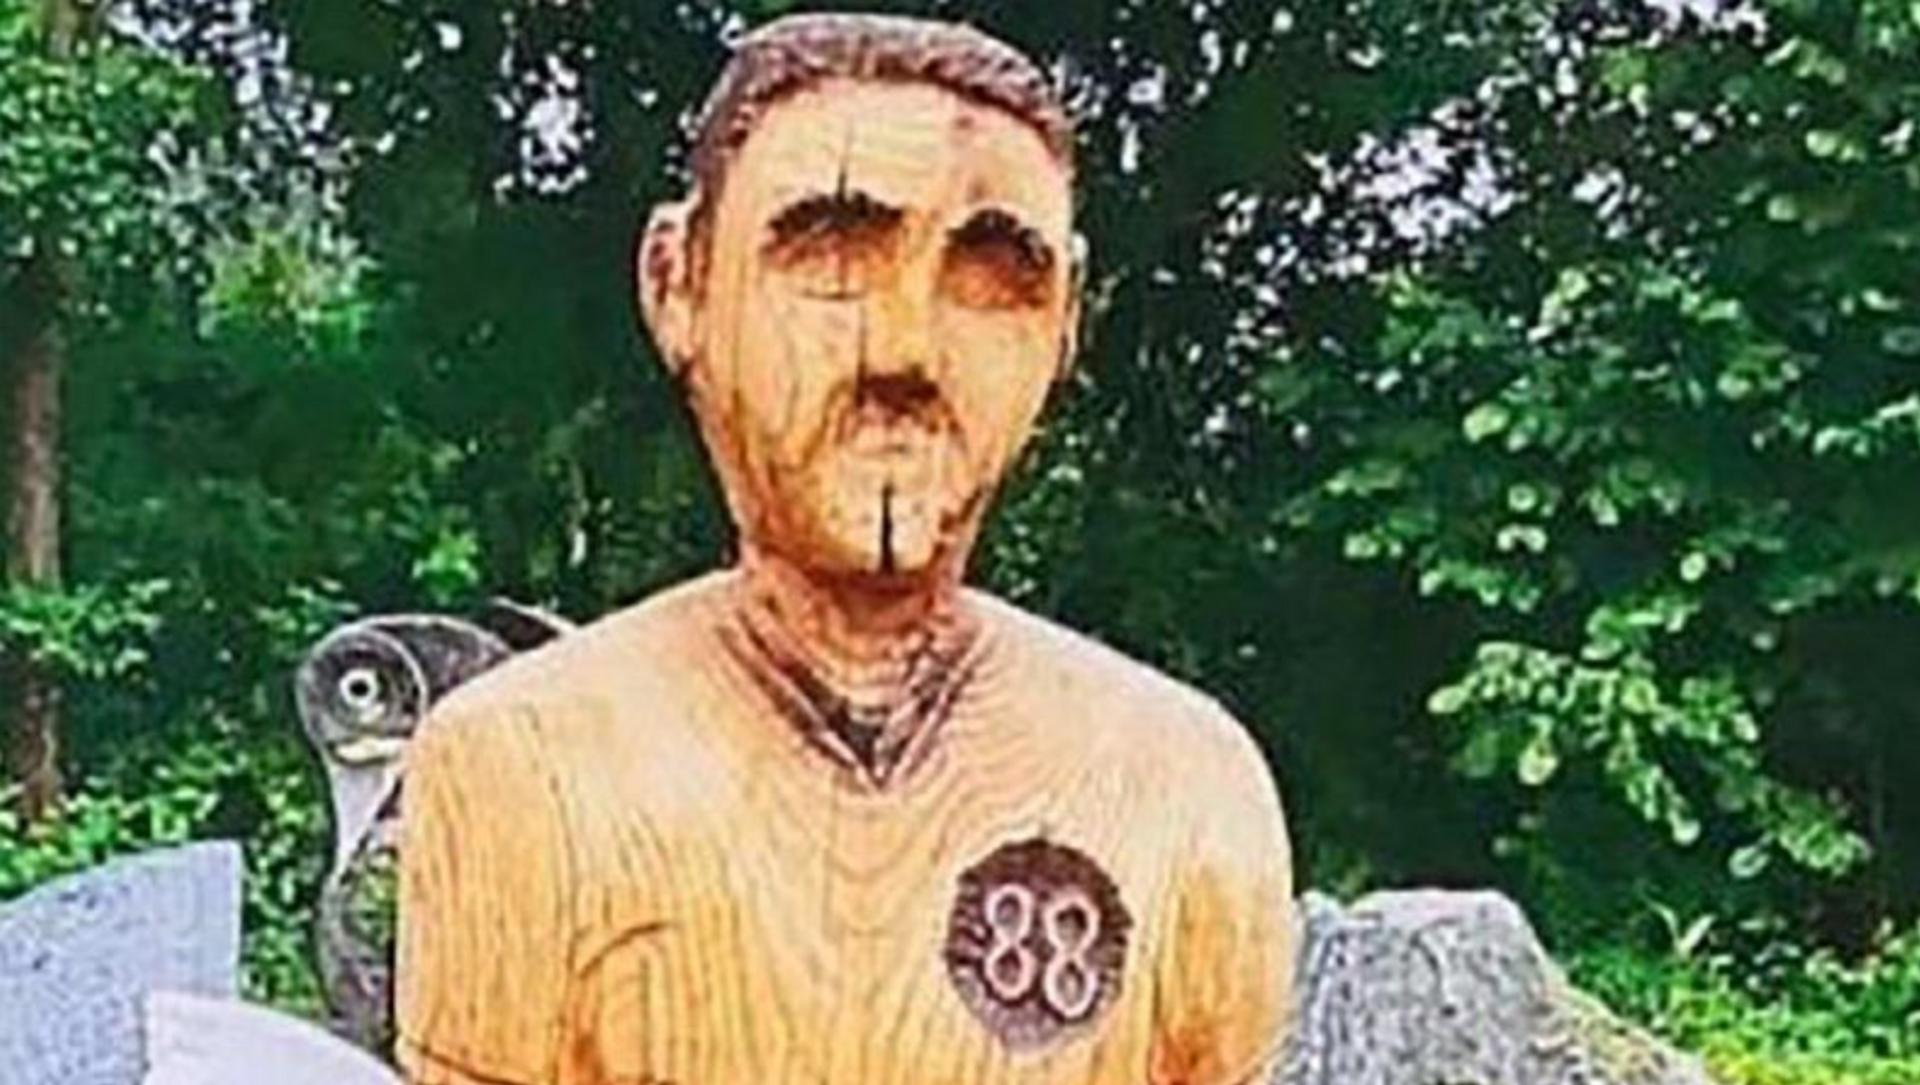 Mezarlığa yerleştirilen heykel, Hitler'e benzediği gerekçesiyle kaldırıldı - Sputnik Türkiye, 1920, 27.07.2021